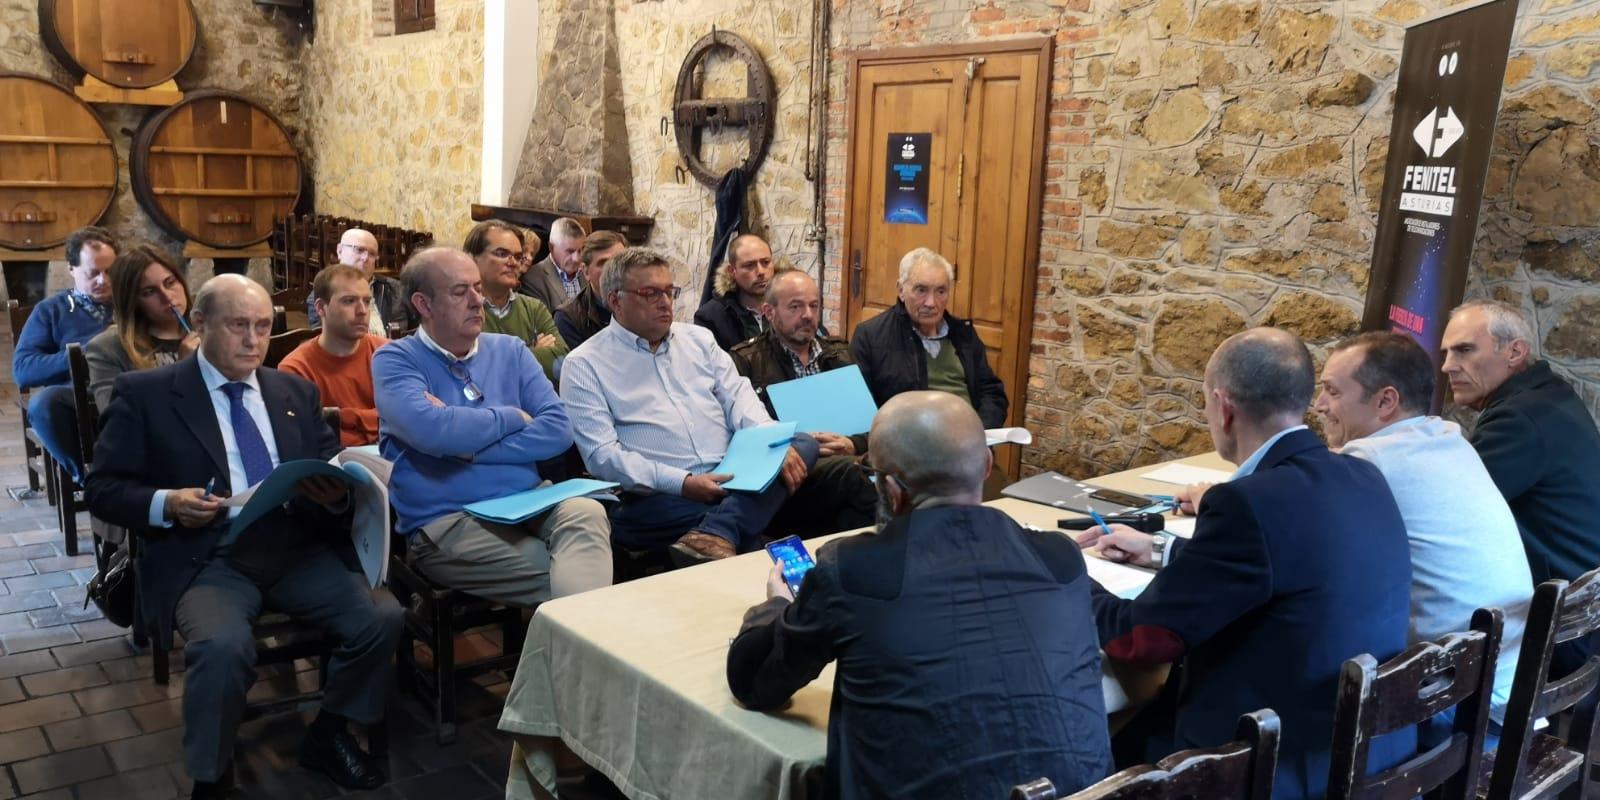 Asamblea General Ordinaria de FENITEL ASTURIAS 1 La ASAMBLEA GENERAL ORDINARIA de Fenitel Asturias tuvo lugar el día 25 de abril (jueves), en el LLAGAR DE QUELO, sito en Tiñana, Asturias, a las 18:30 hora